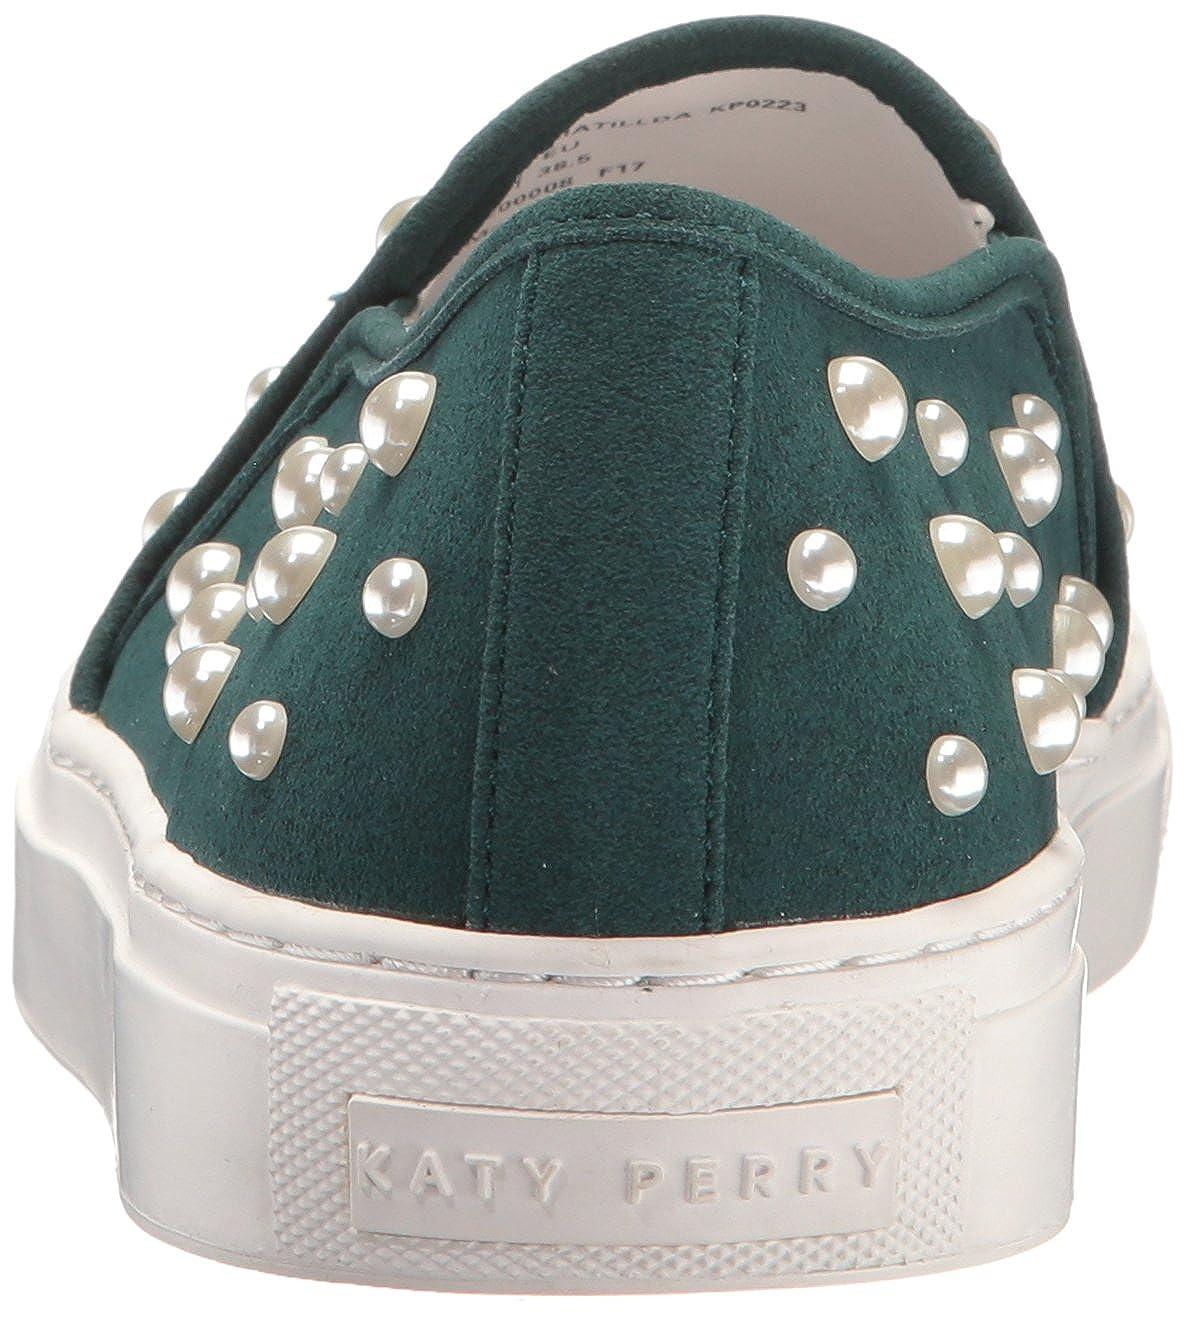 Katy Perry Perry Katy Frauen Hausschuhe Waldgrün 9cc7a6